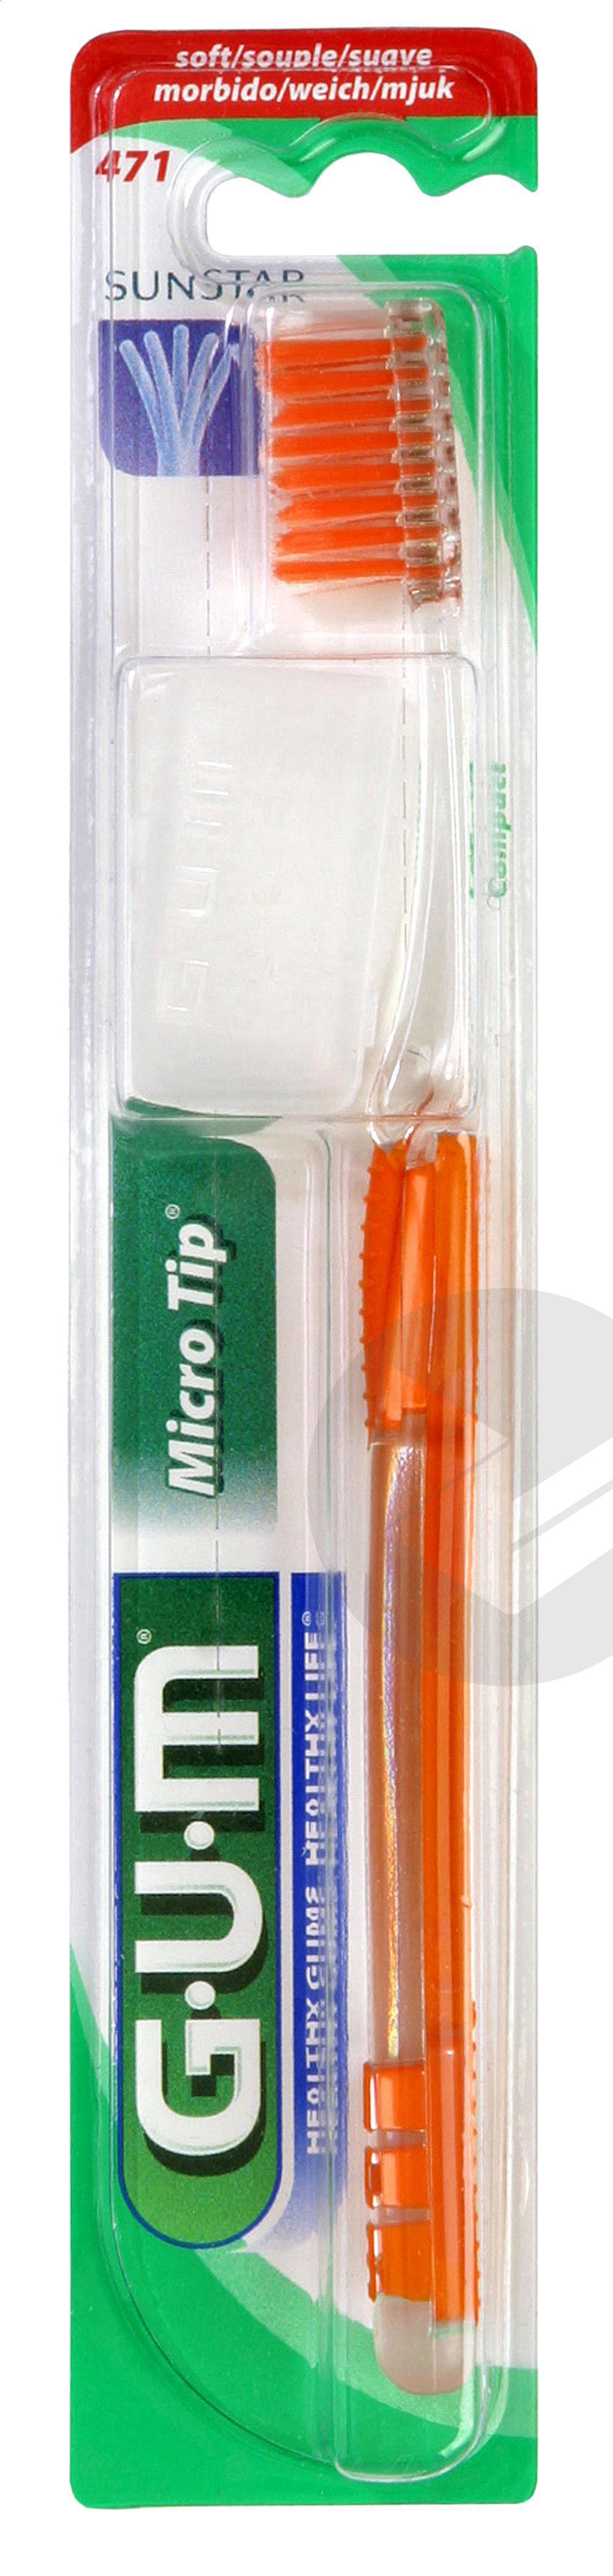 Brosse A Dents Micro Tip Souple Compacte